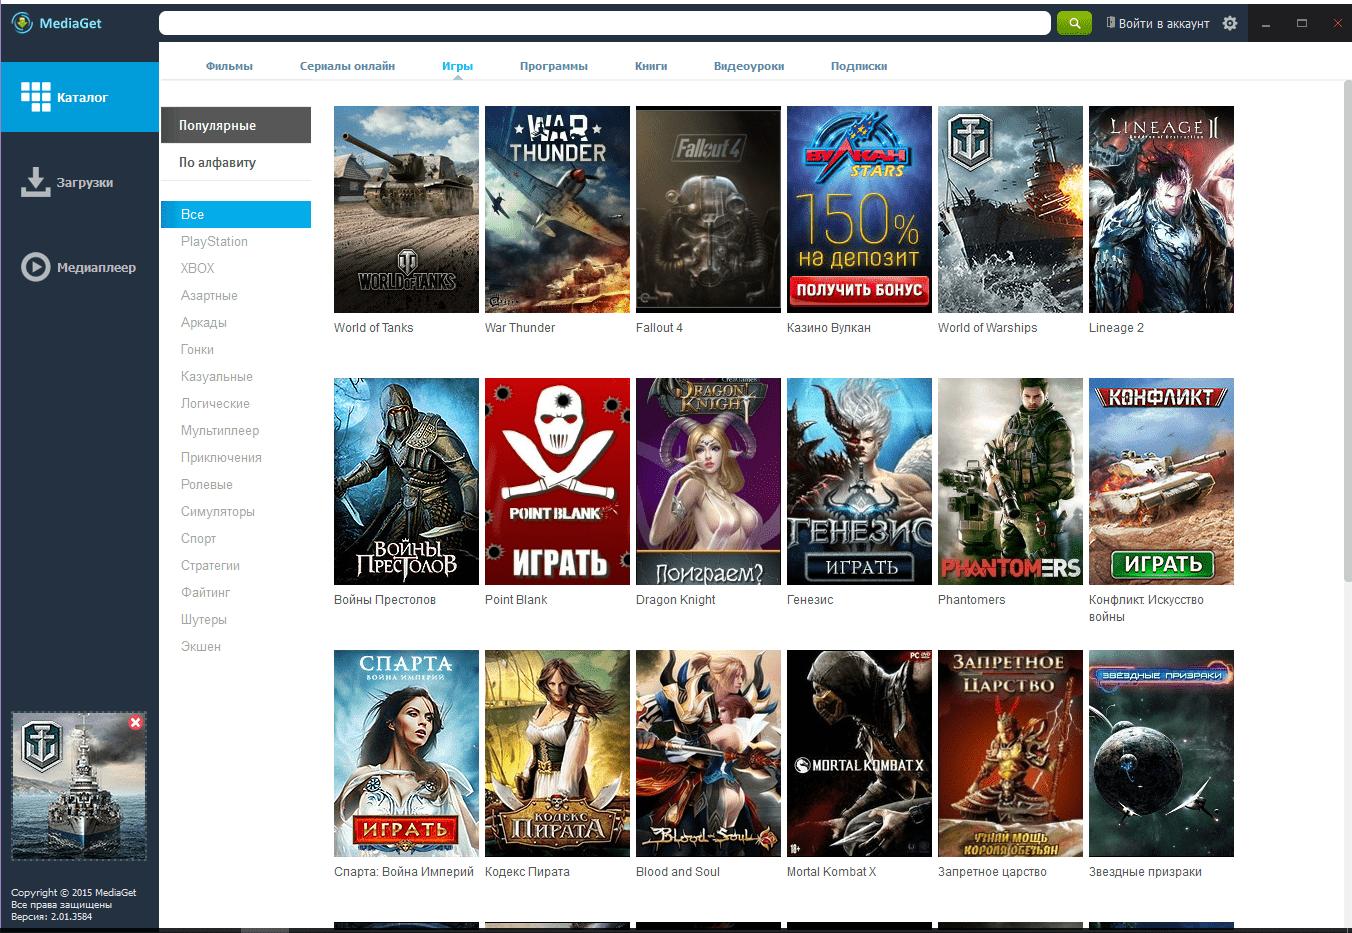 Игры в MediaGet